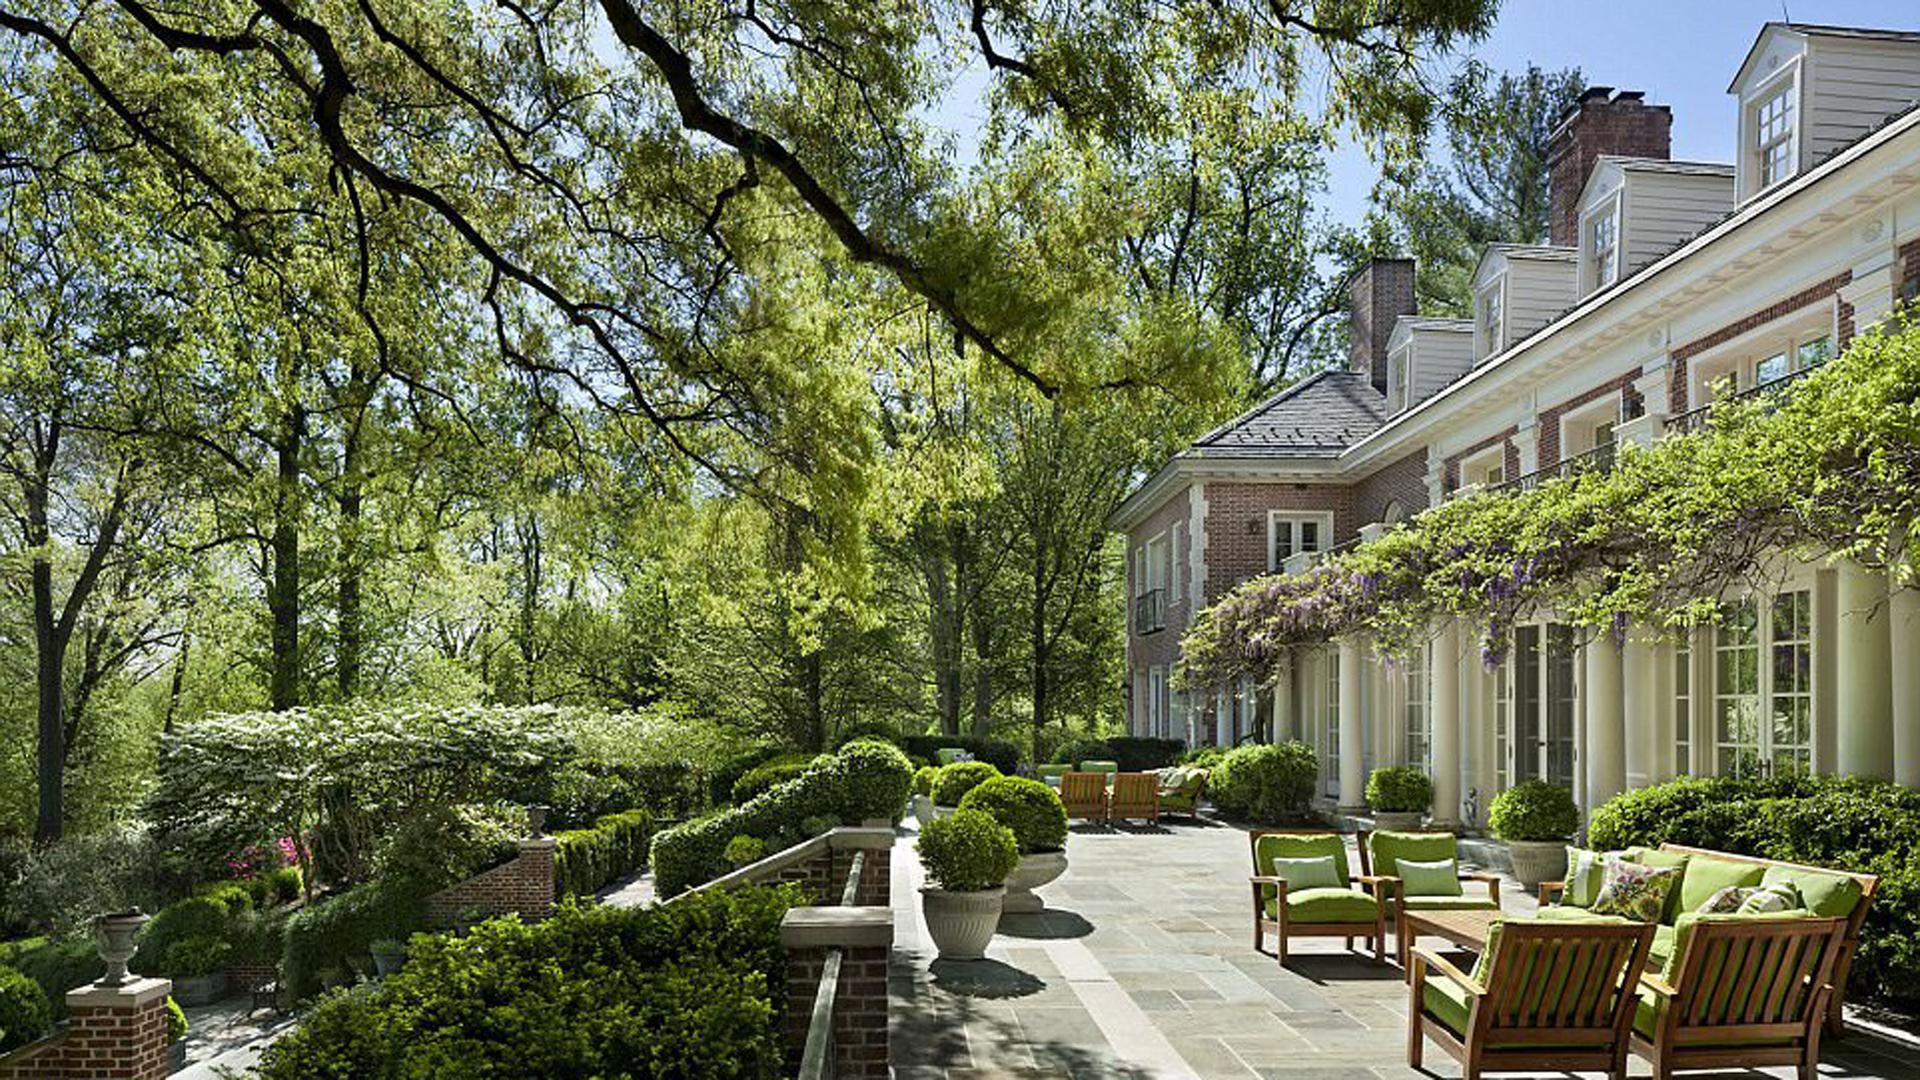 Posee amplios jardines y comodidades como gimnasio, un cuarto especialmente utilizado para catar vinos, entre otras